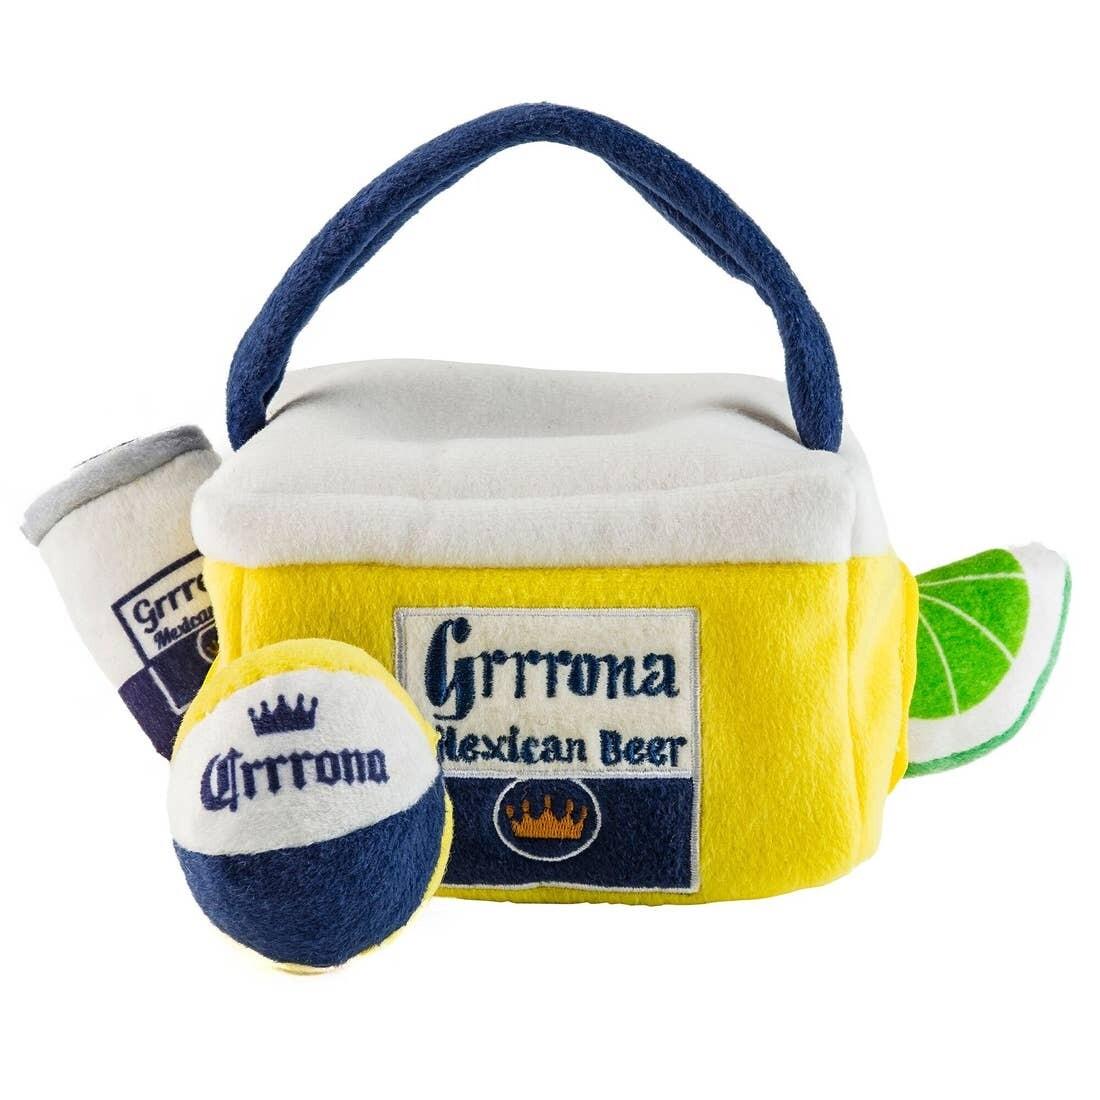 Grrrona Cooler - Hide & Seek Toy